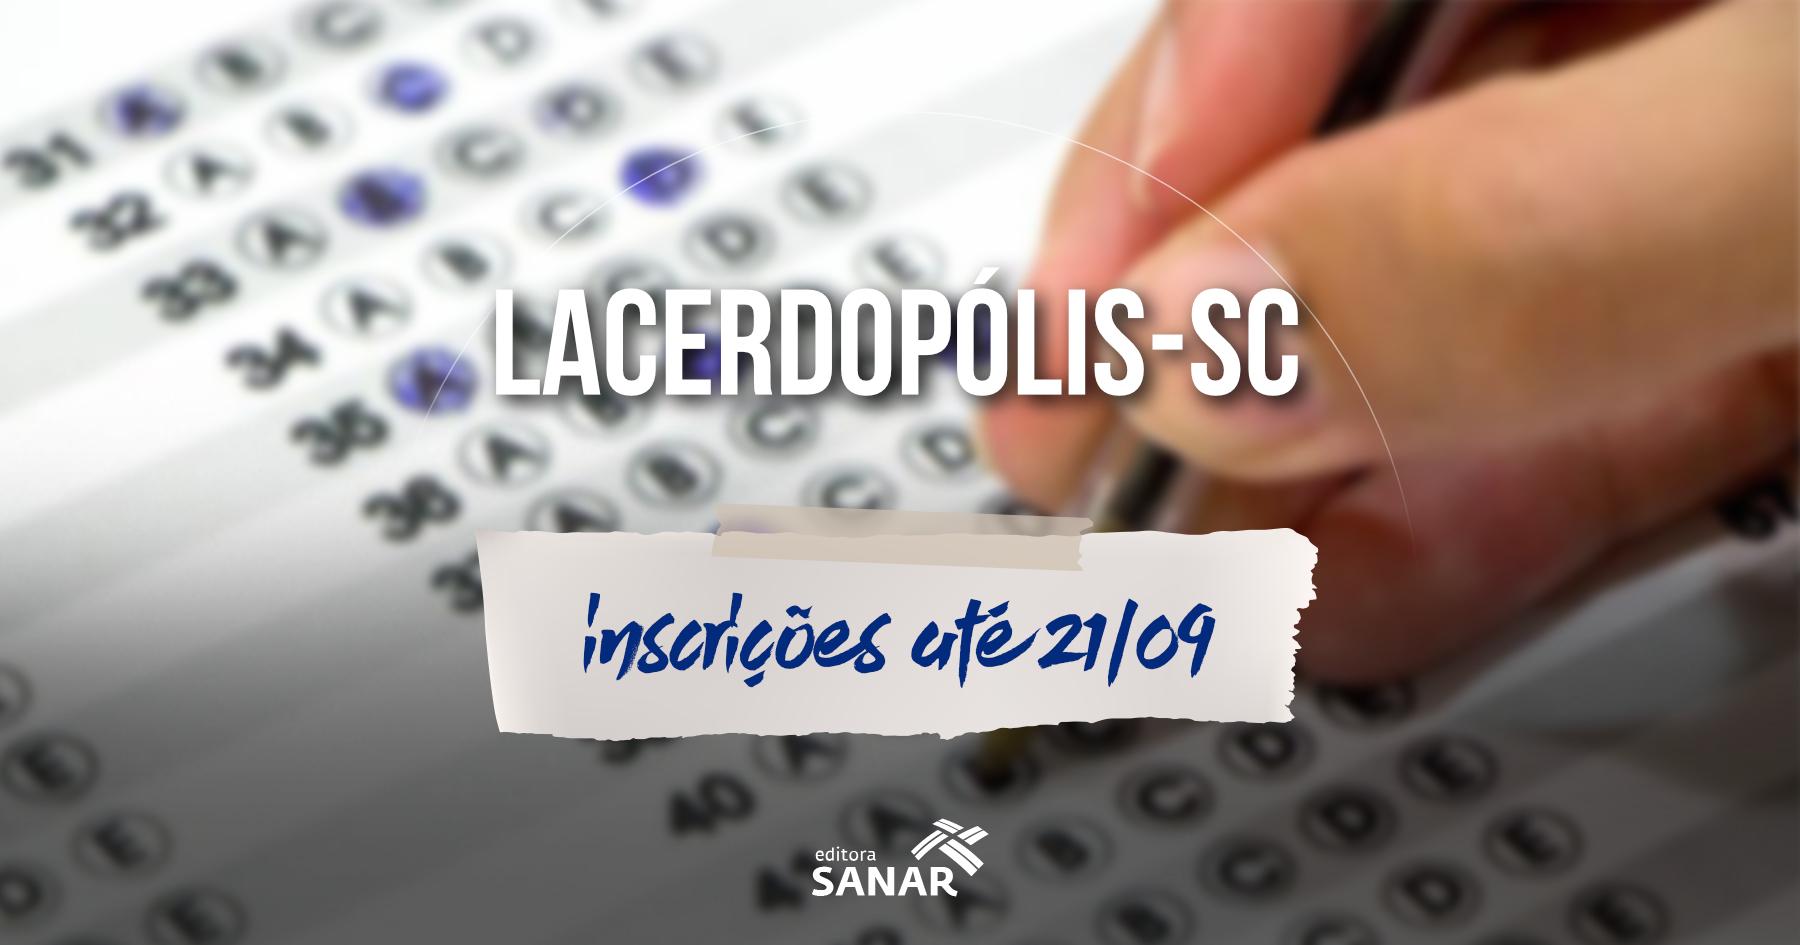 Prefeitura de Lacerdópolis - SC recebe inscrições para Concurso Público